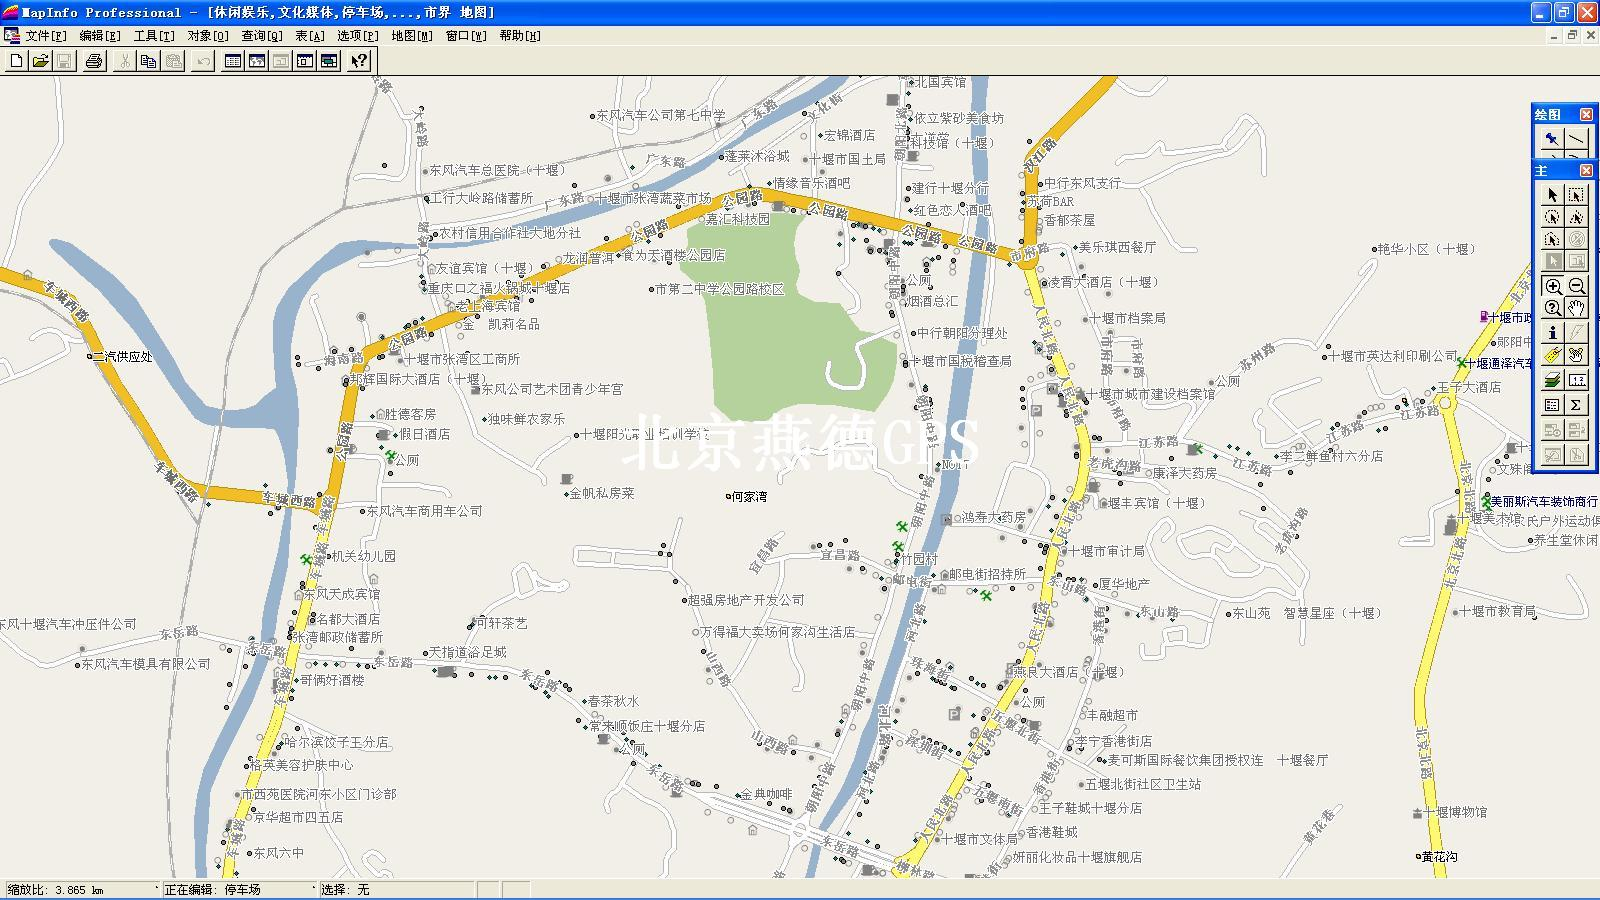 十堰市区地图图片大全下载;